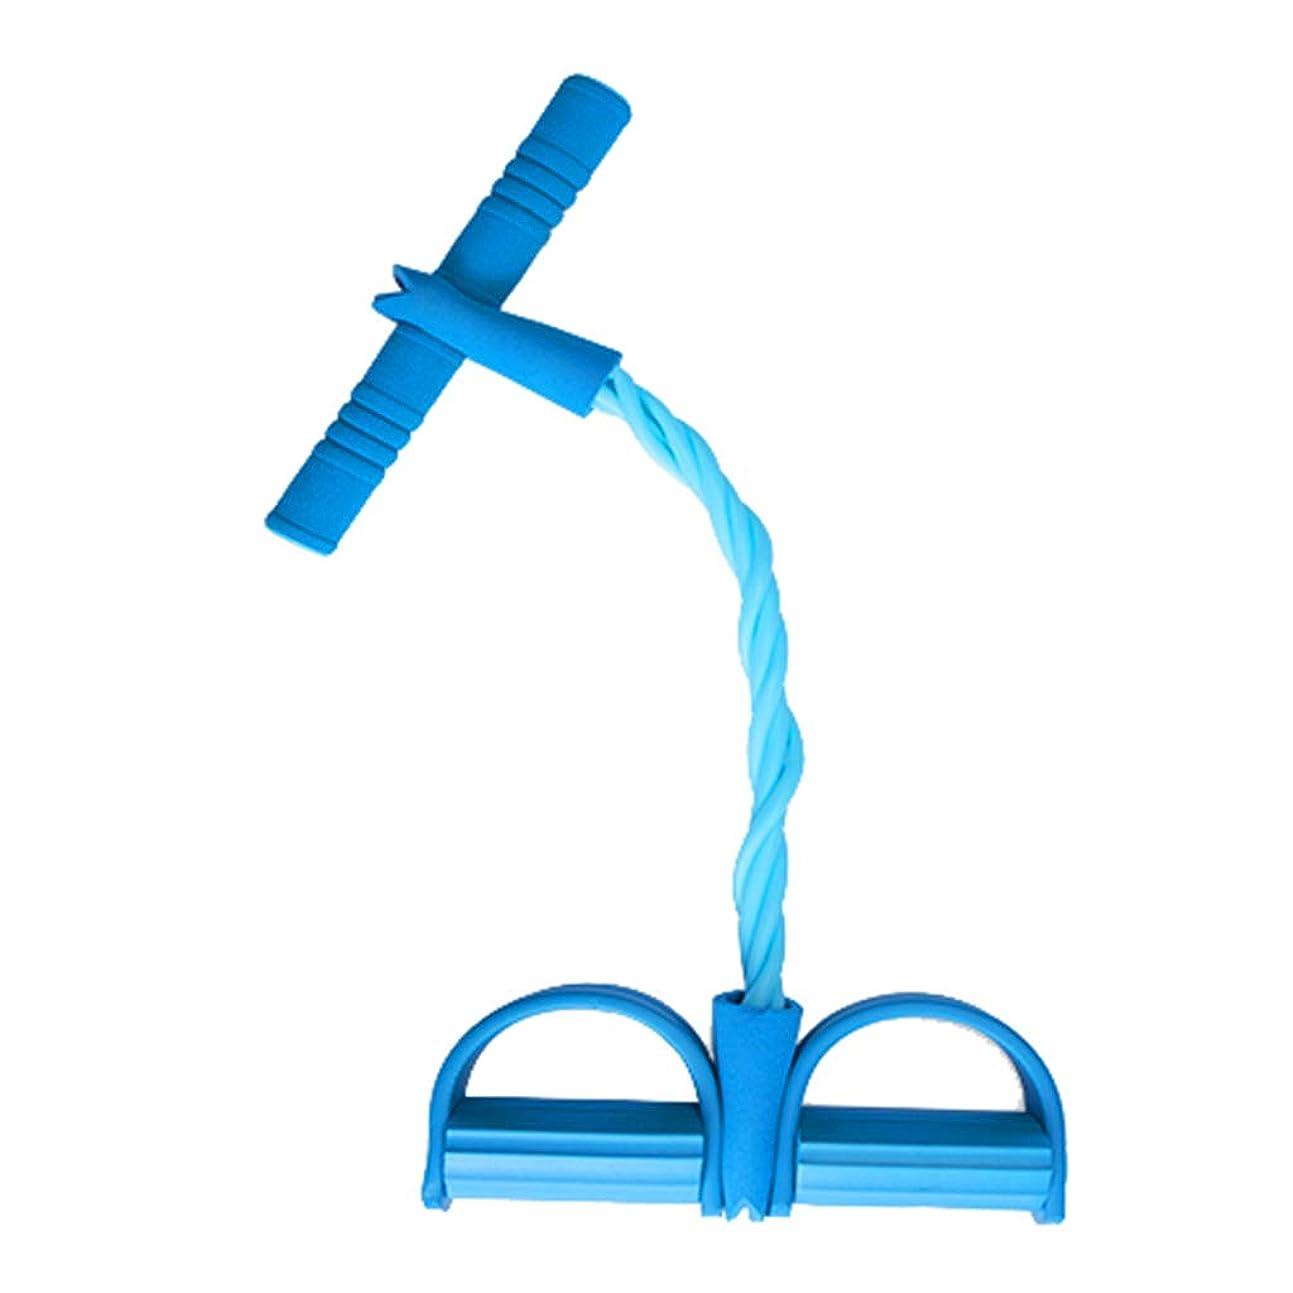 前に安全性現像シットアップフィットネス機器ホームスポーツ足首ラリー女性補助薄いウエスト弾性ロープテンションベルト (色 : 青)